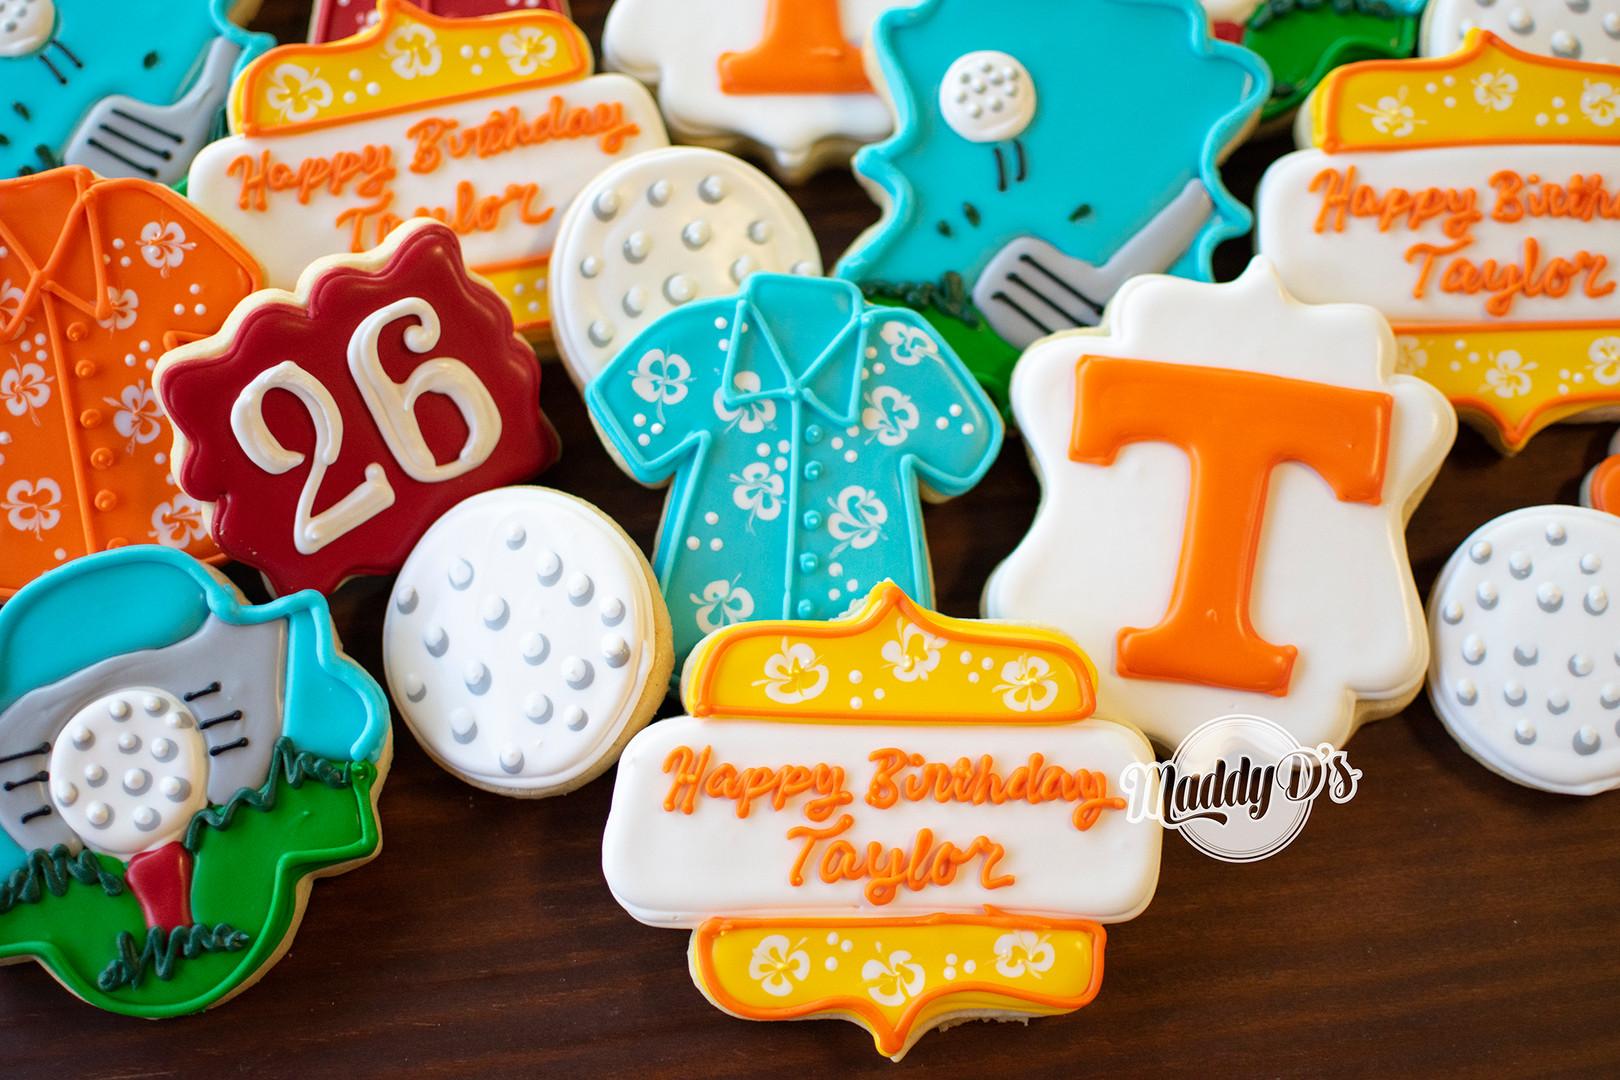 Birthday Maddy Ds 4.27.2020 3.jpg